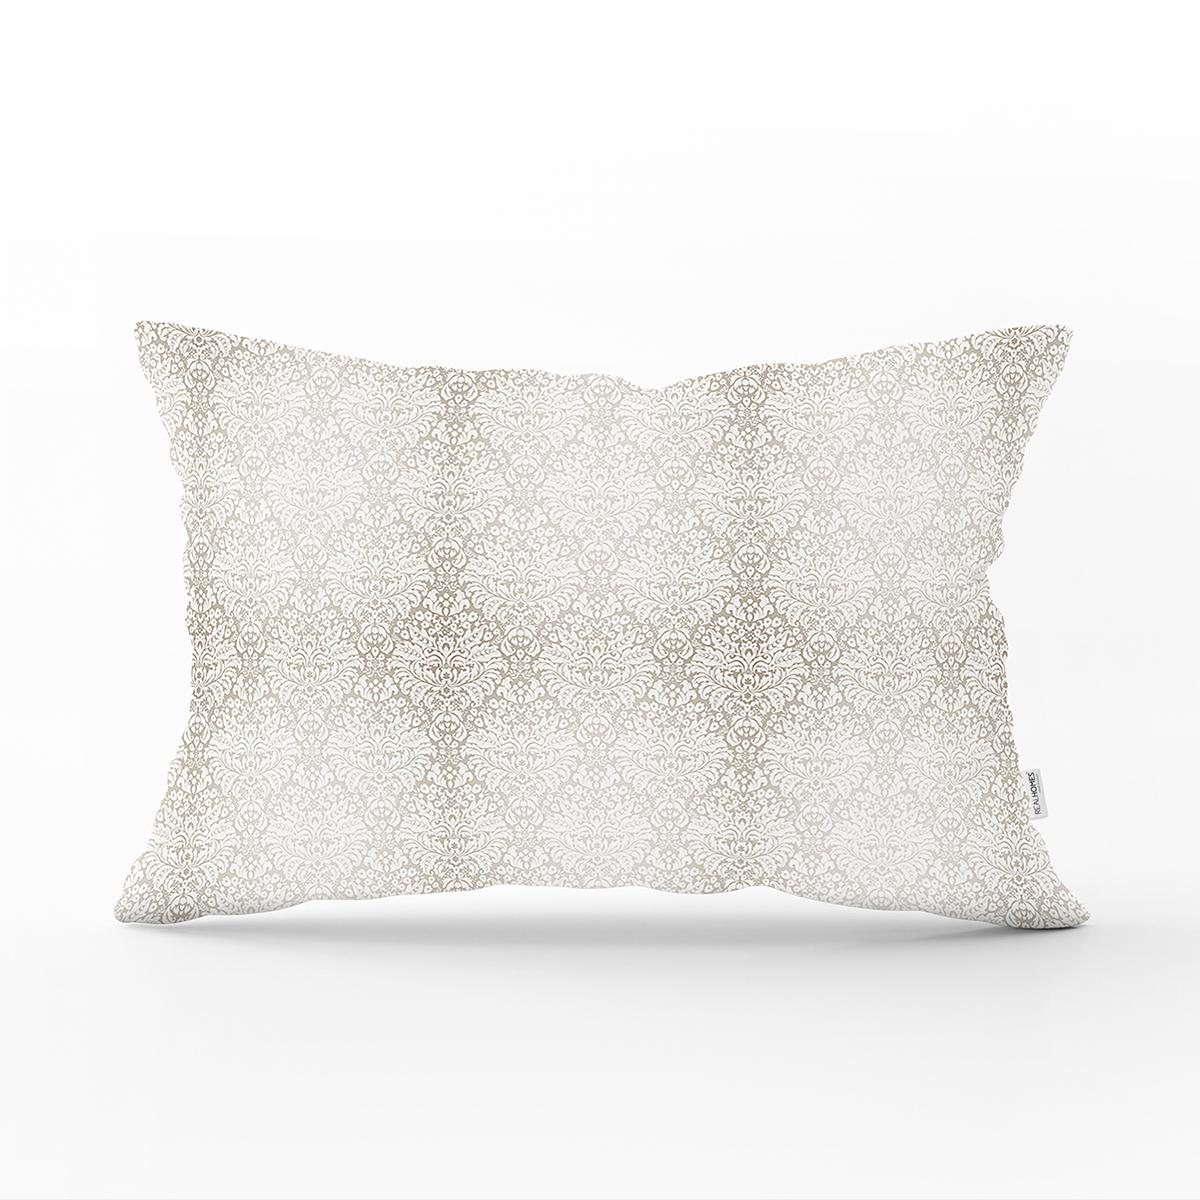 Gümüş Renk Damask Desenli Modern Dikdörtgen Yastık Kırlent Kılıfı Realhomes